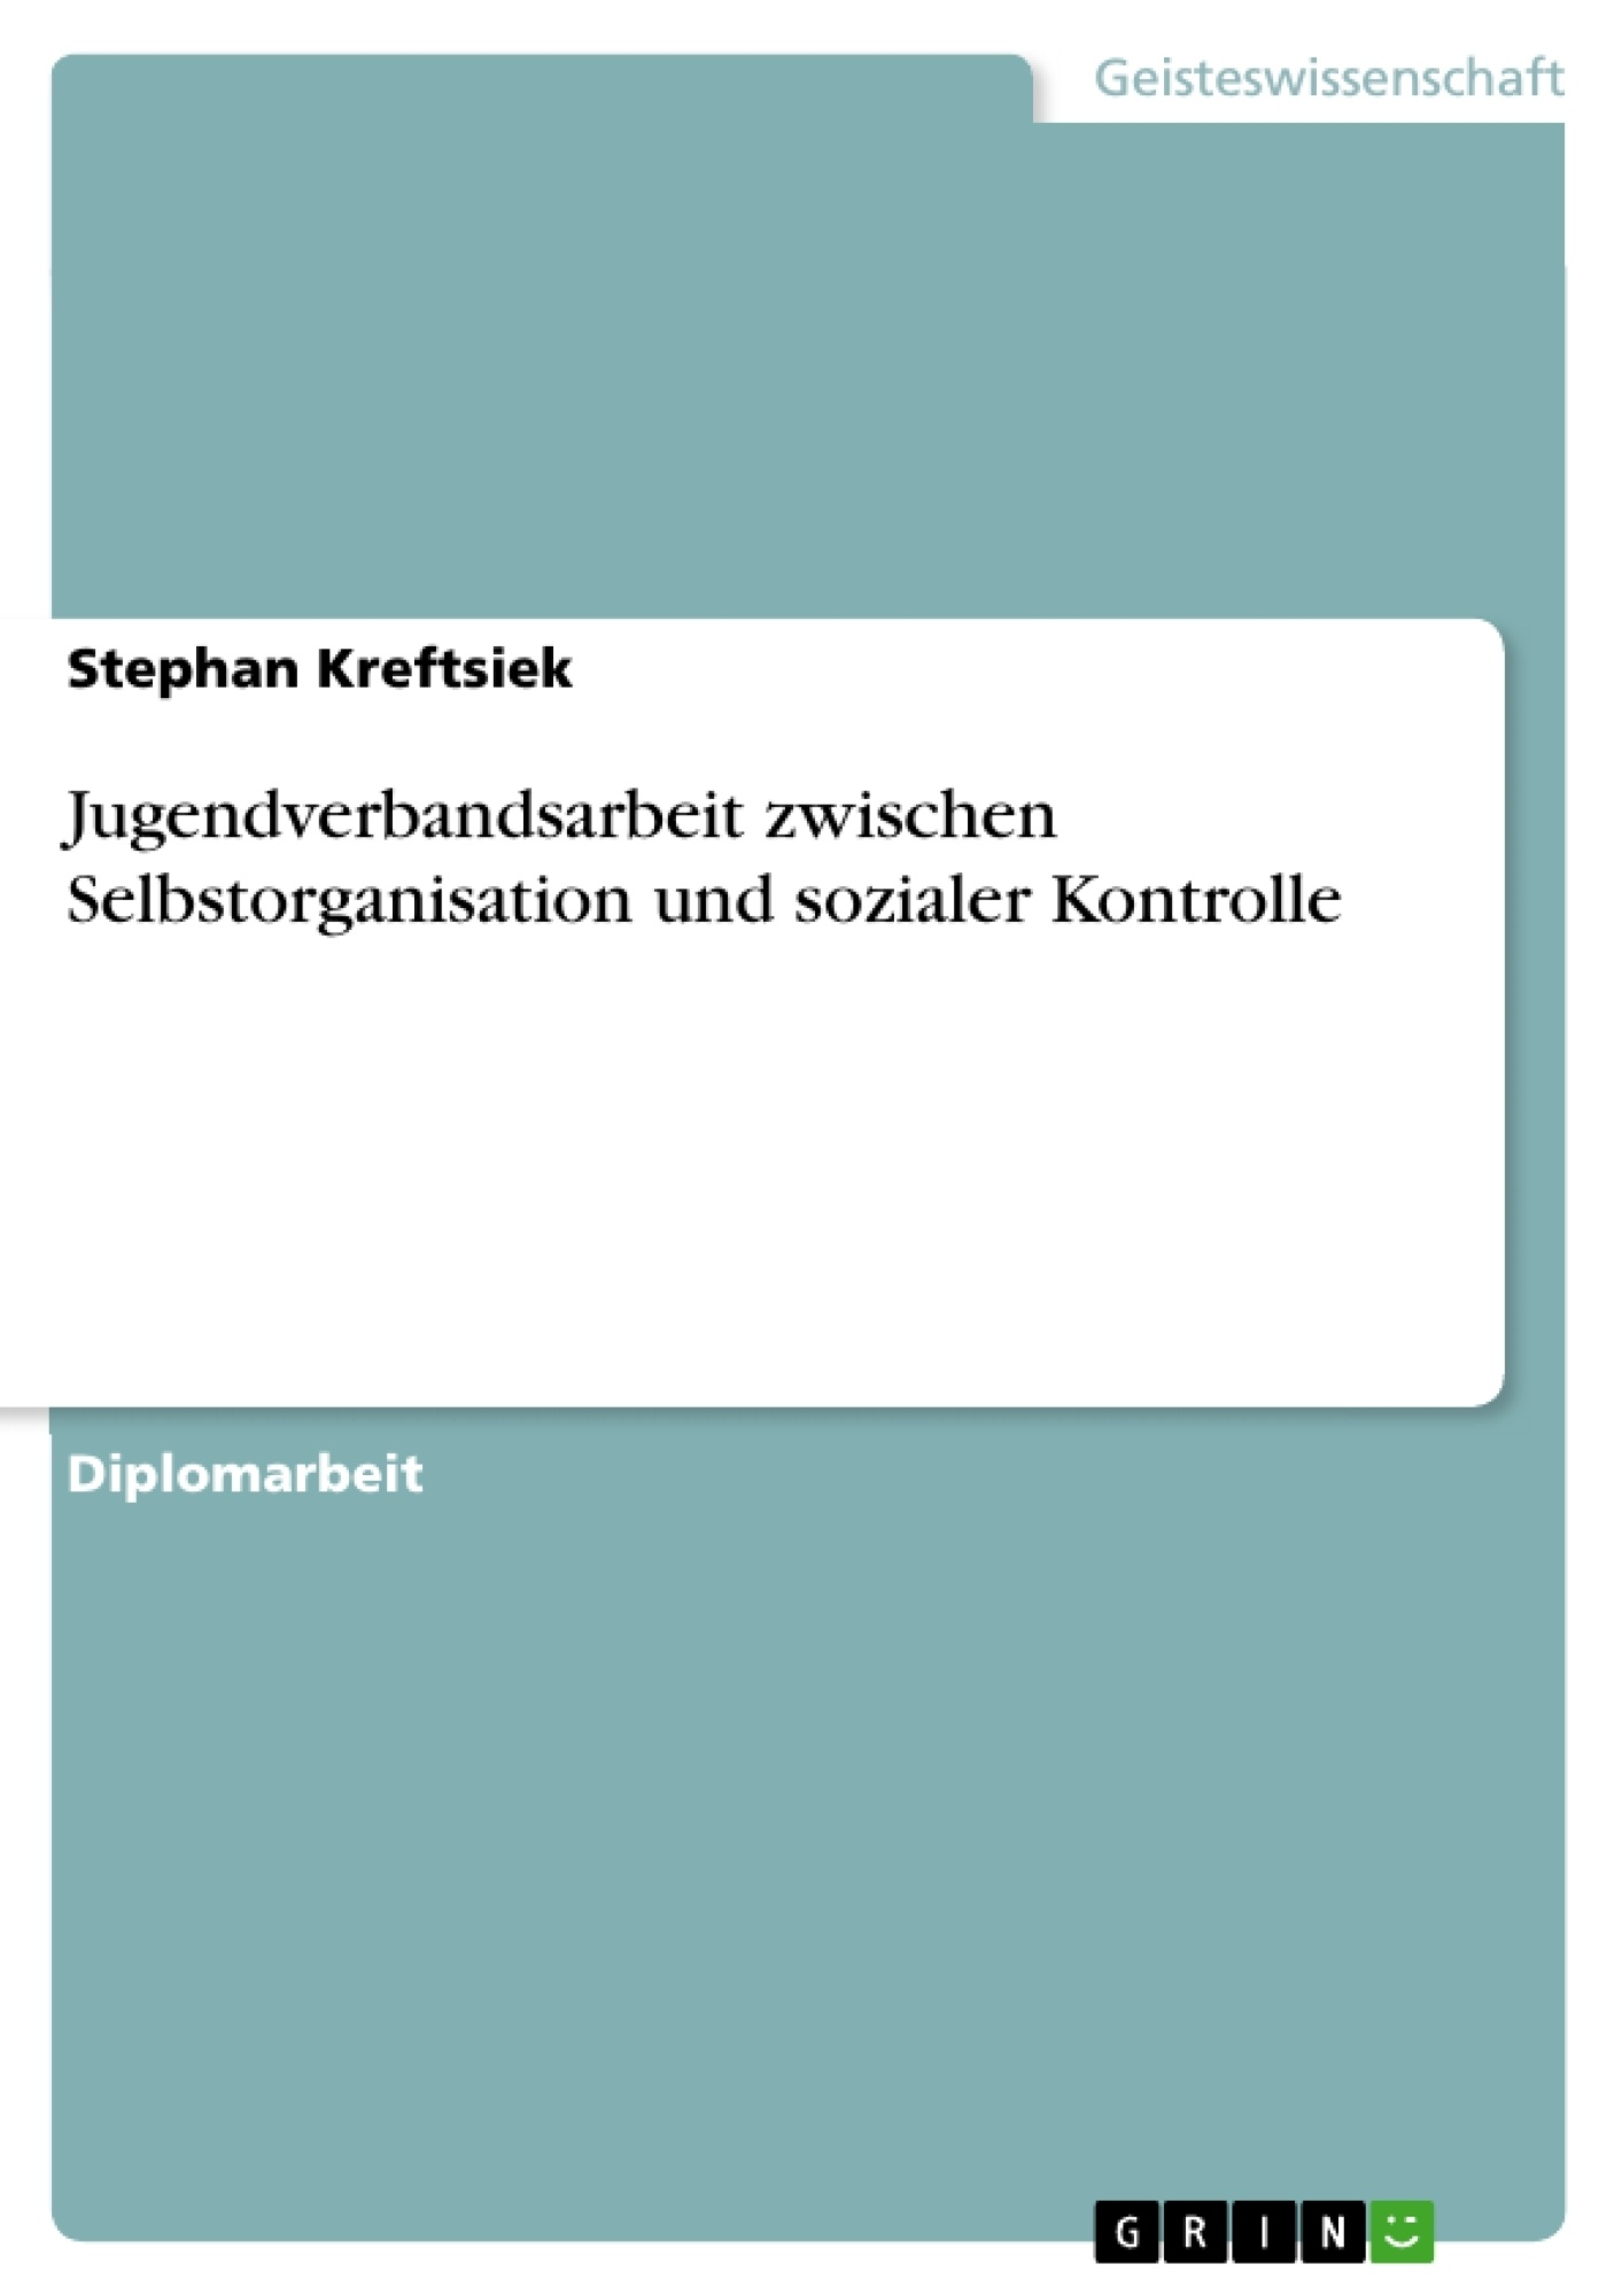 Titel: Jugendverbandsarbeit zwischen Selbstorganisation und sozialer Kontrolle